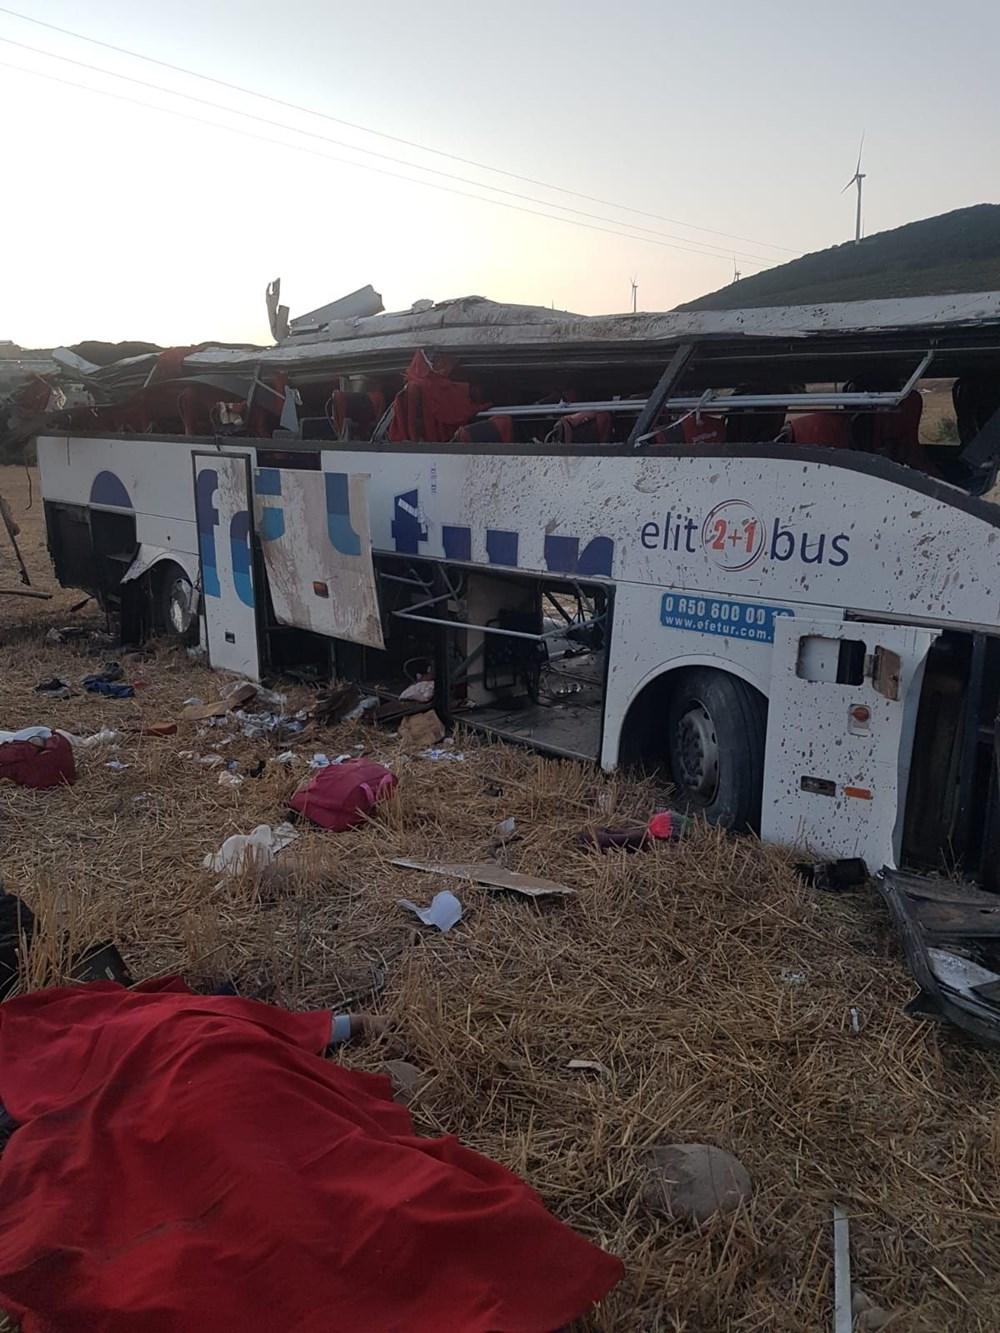 Balıkesir'de yolcu otobüsü devrildi: 15 kişi hayatını kaybetti - 3